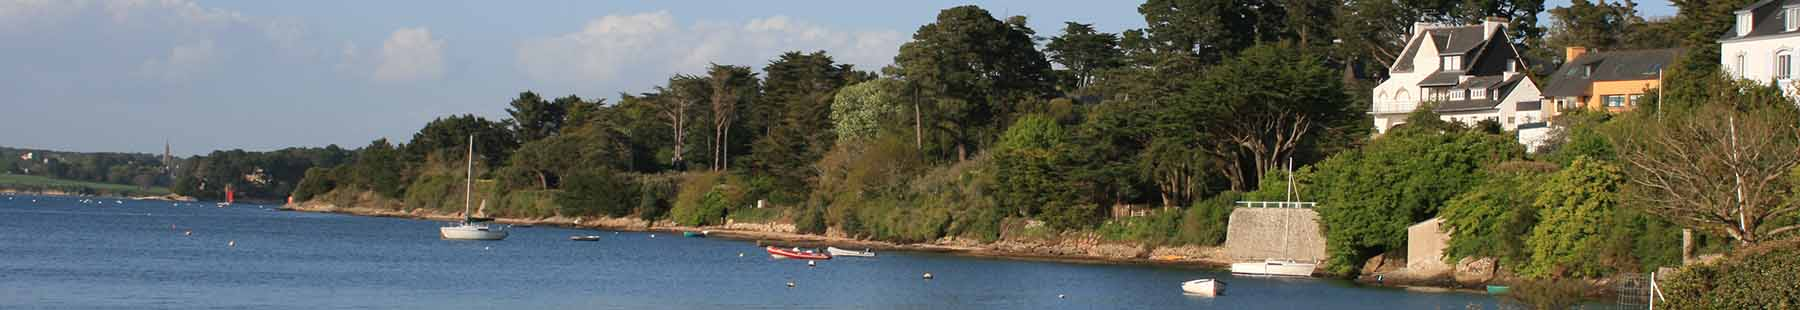 Bretagne Sud : Le Golfe du Morbihan autrement